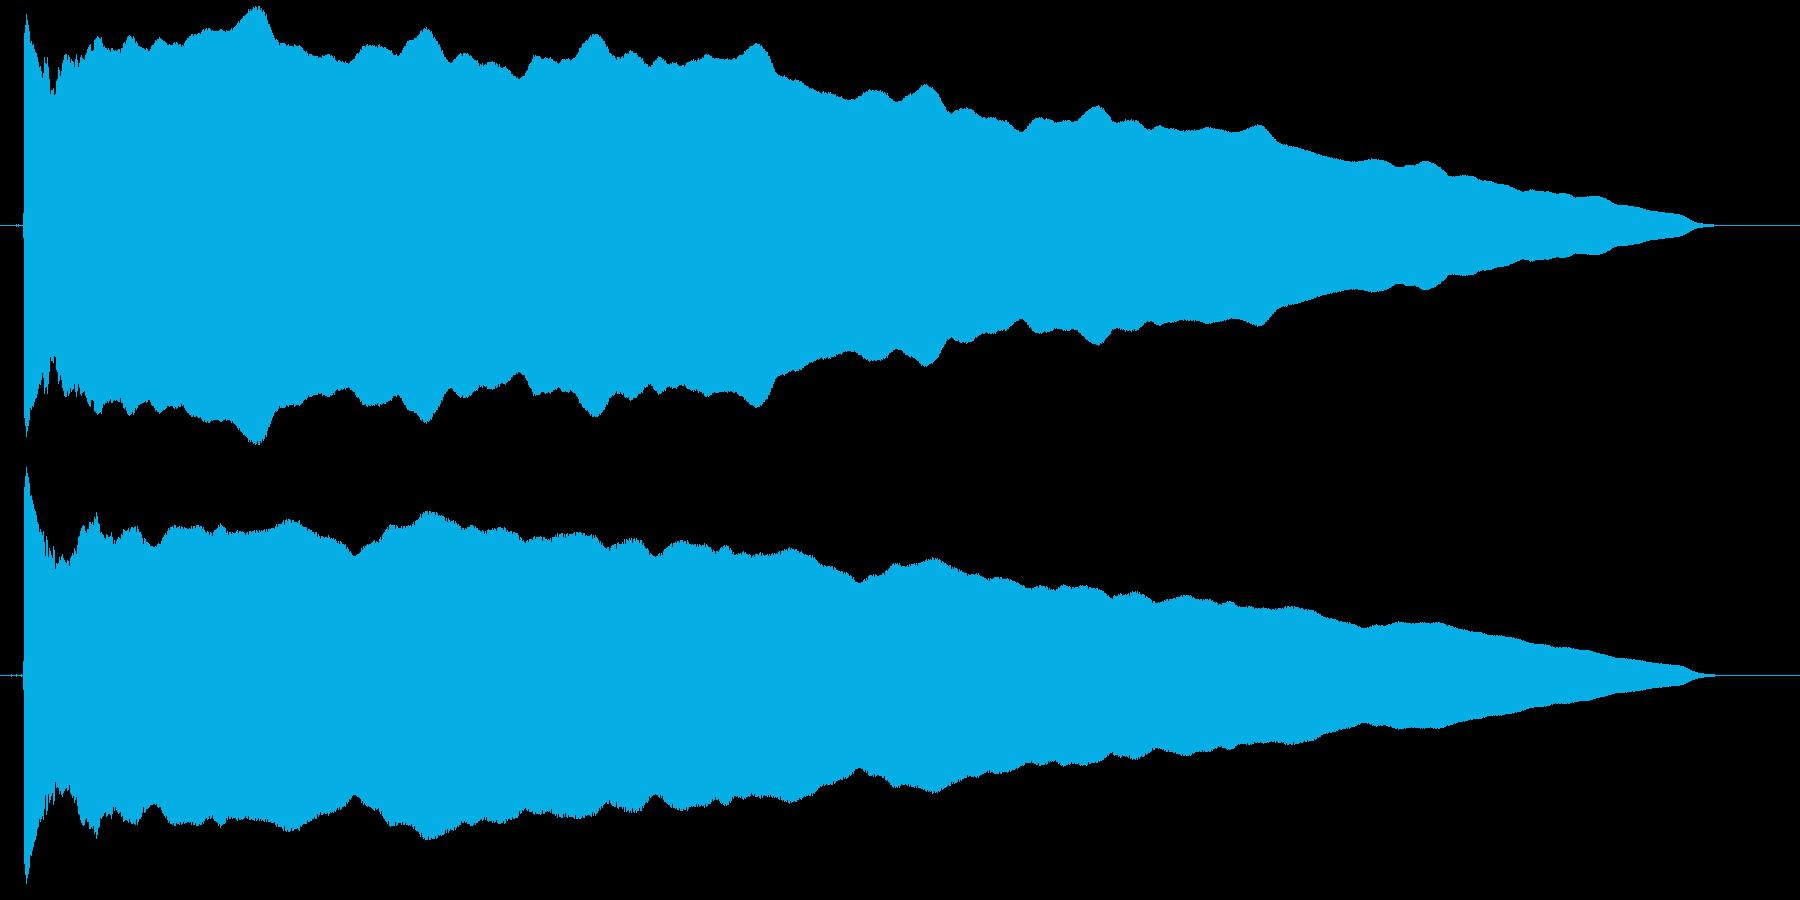 カウント 単発 ぴーーー ピー レーダーの再生済みの波形